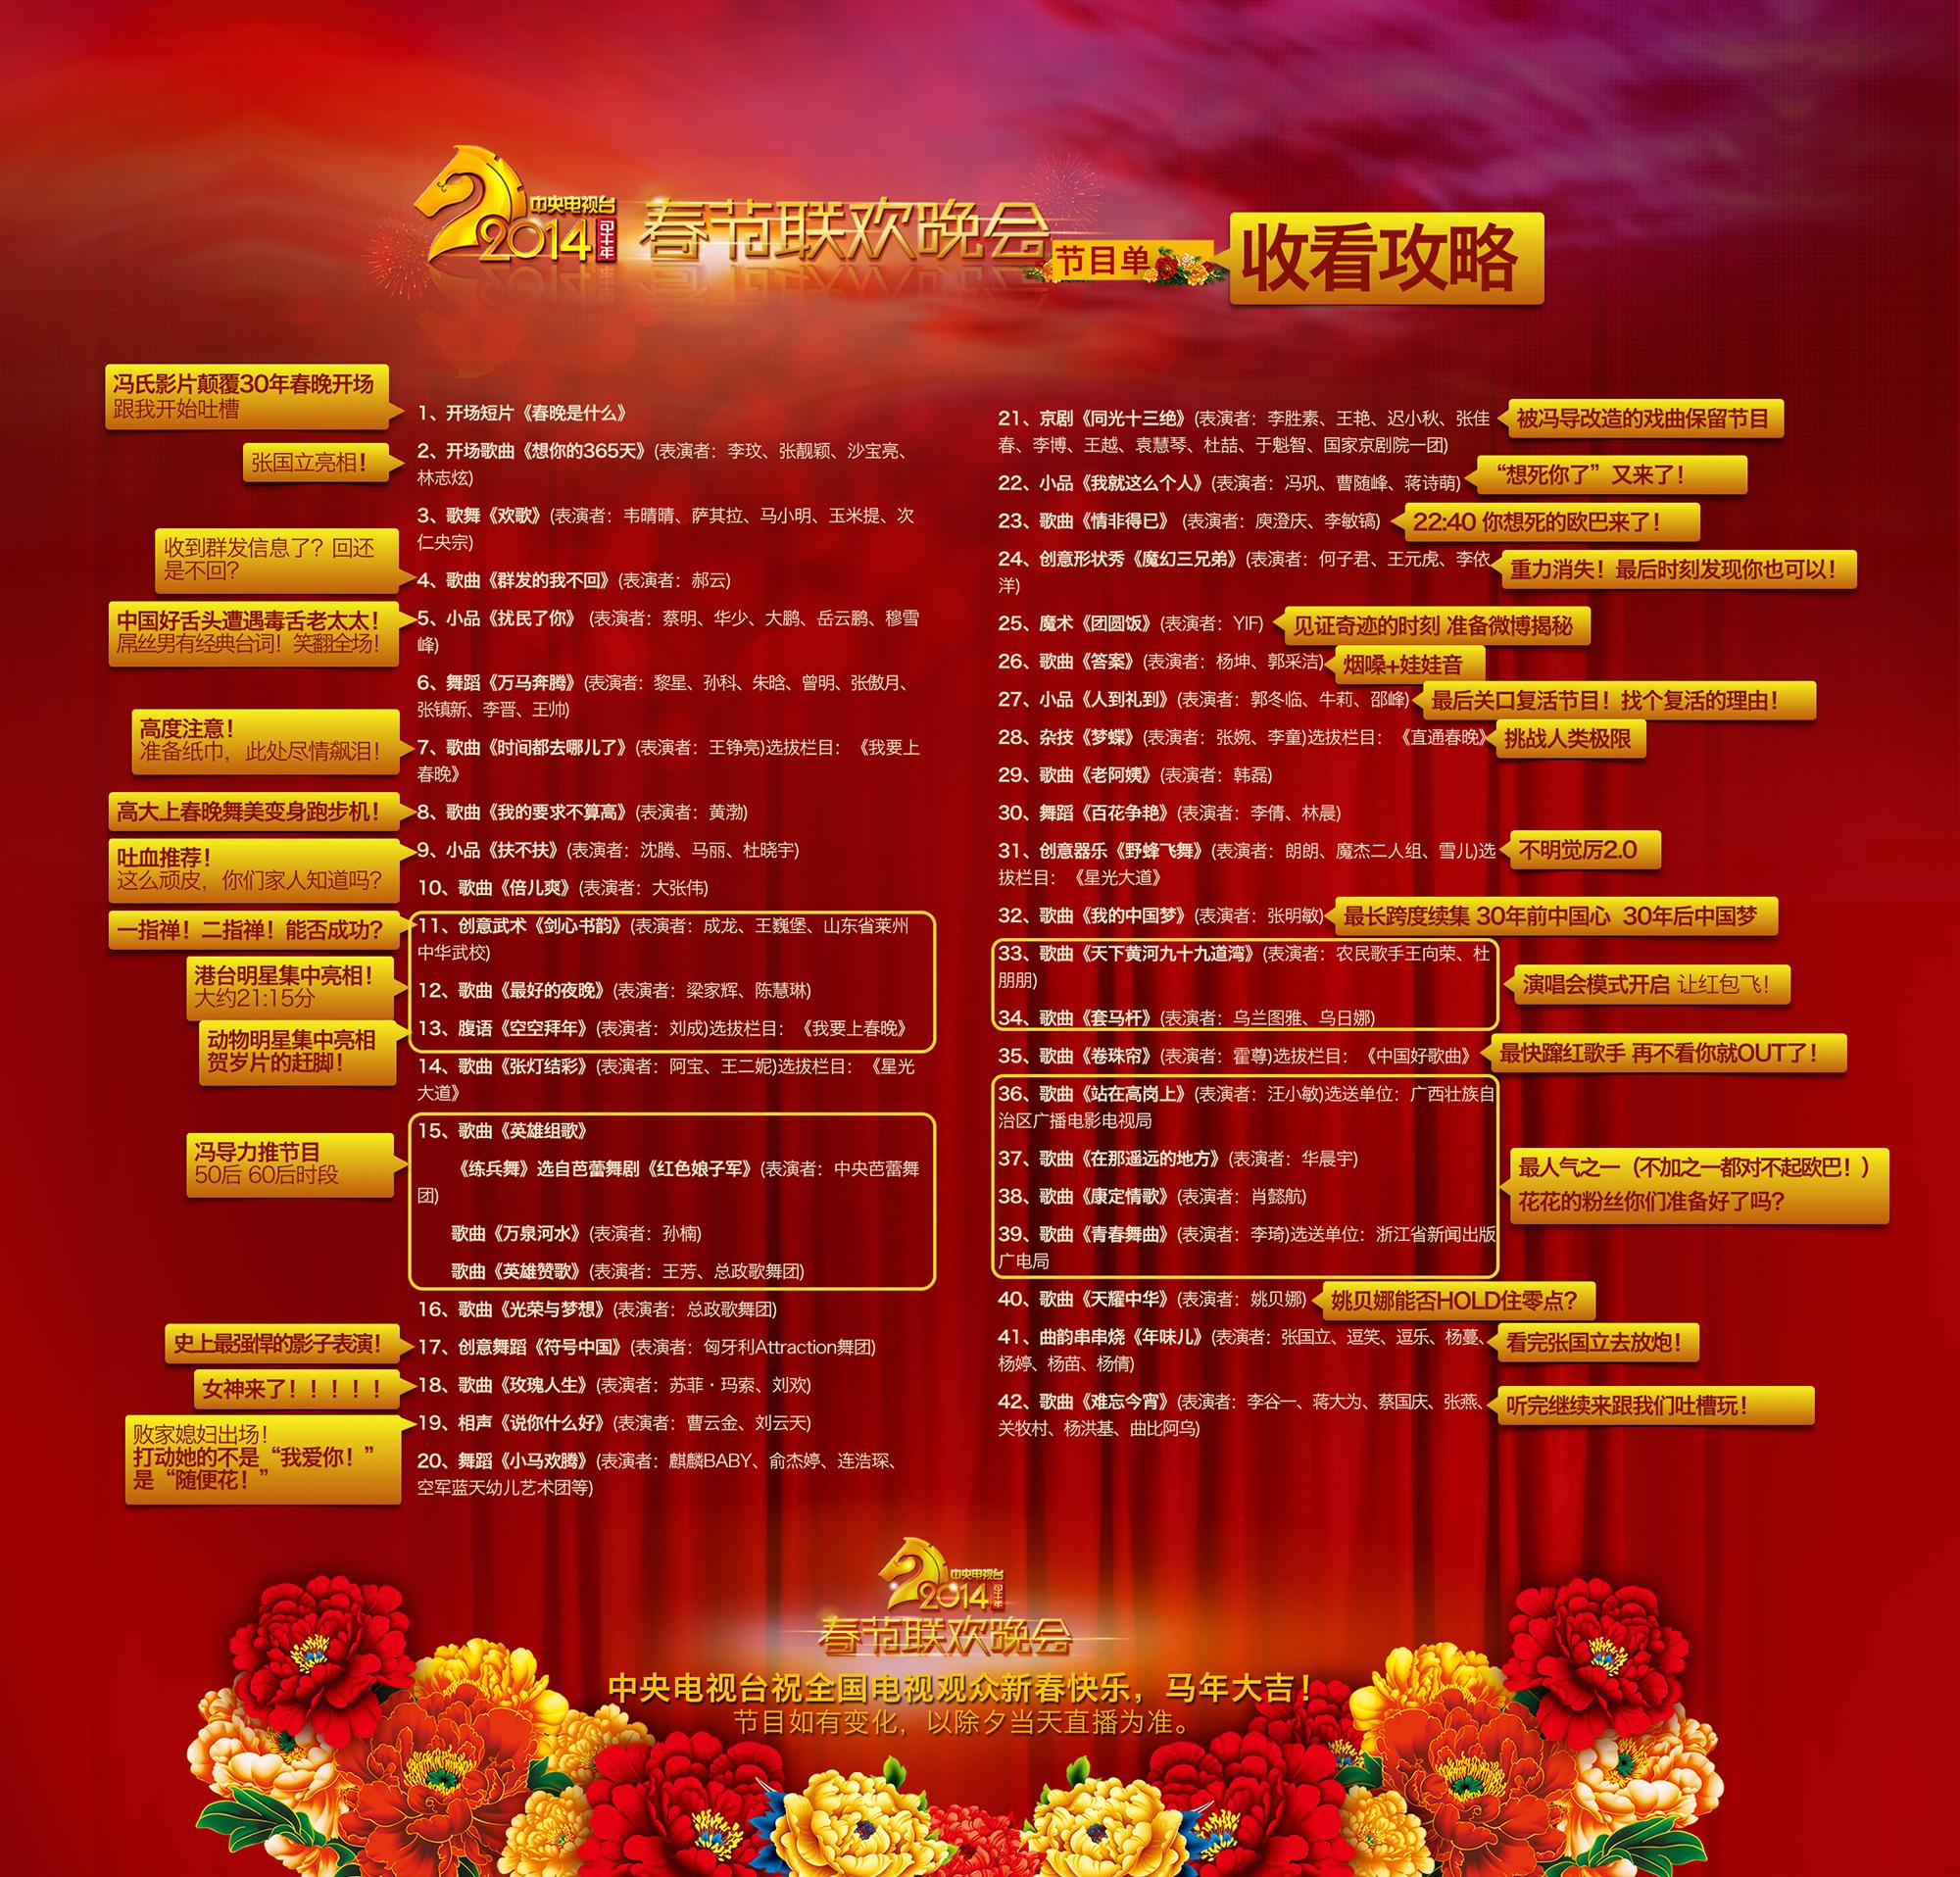 杜喆京剧中国脊梁曲谱-2014春晚